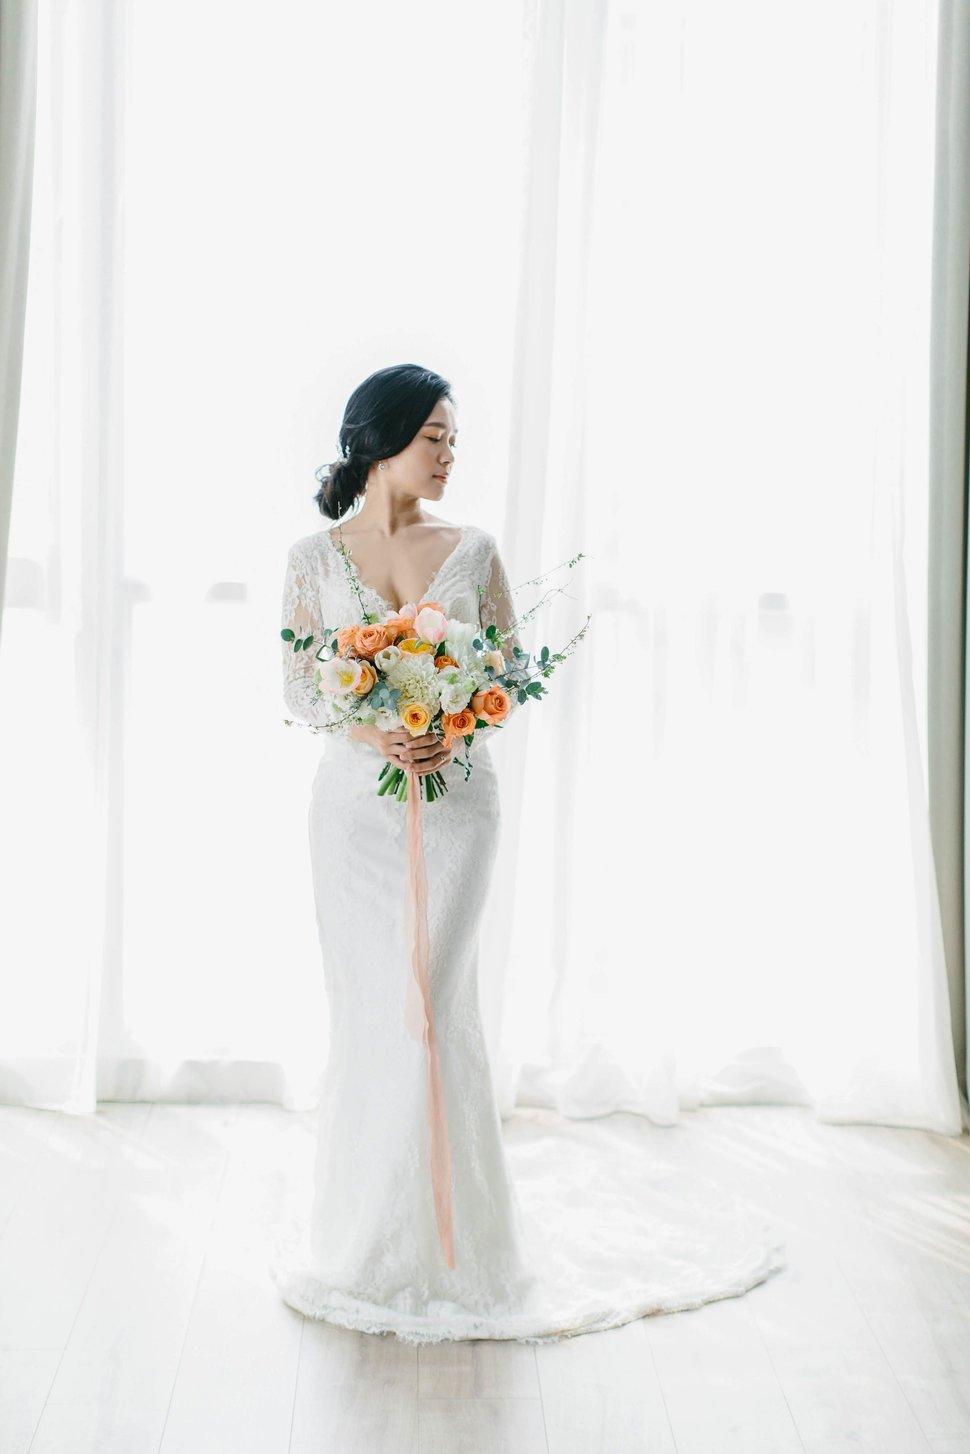 美式婚紗-自助婚紗-戶外婚紗-Amazing Grace攝影- Amazing Grace Studio-台北婚紗-台中婚紗-美式婚攝20 - Amazing Grace Studio《結婚吧》